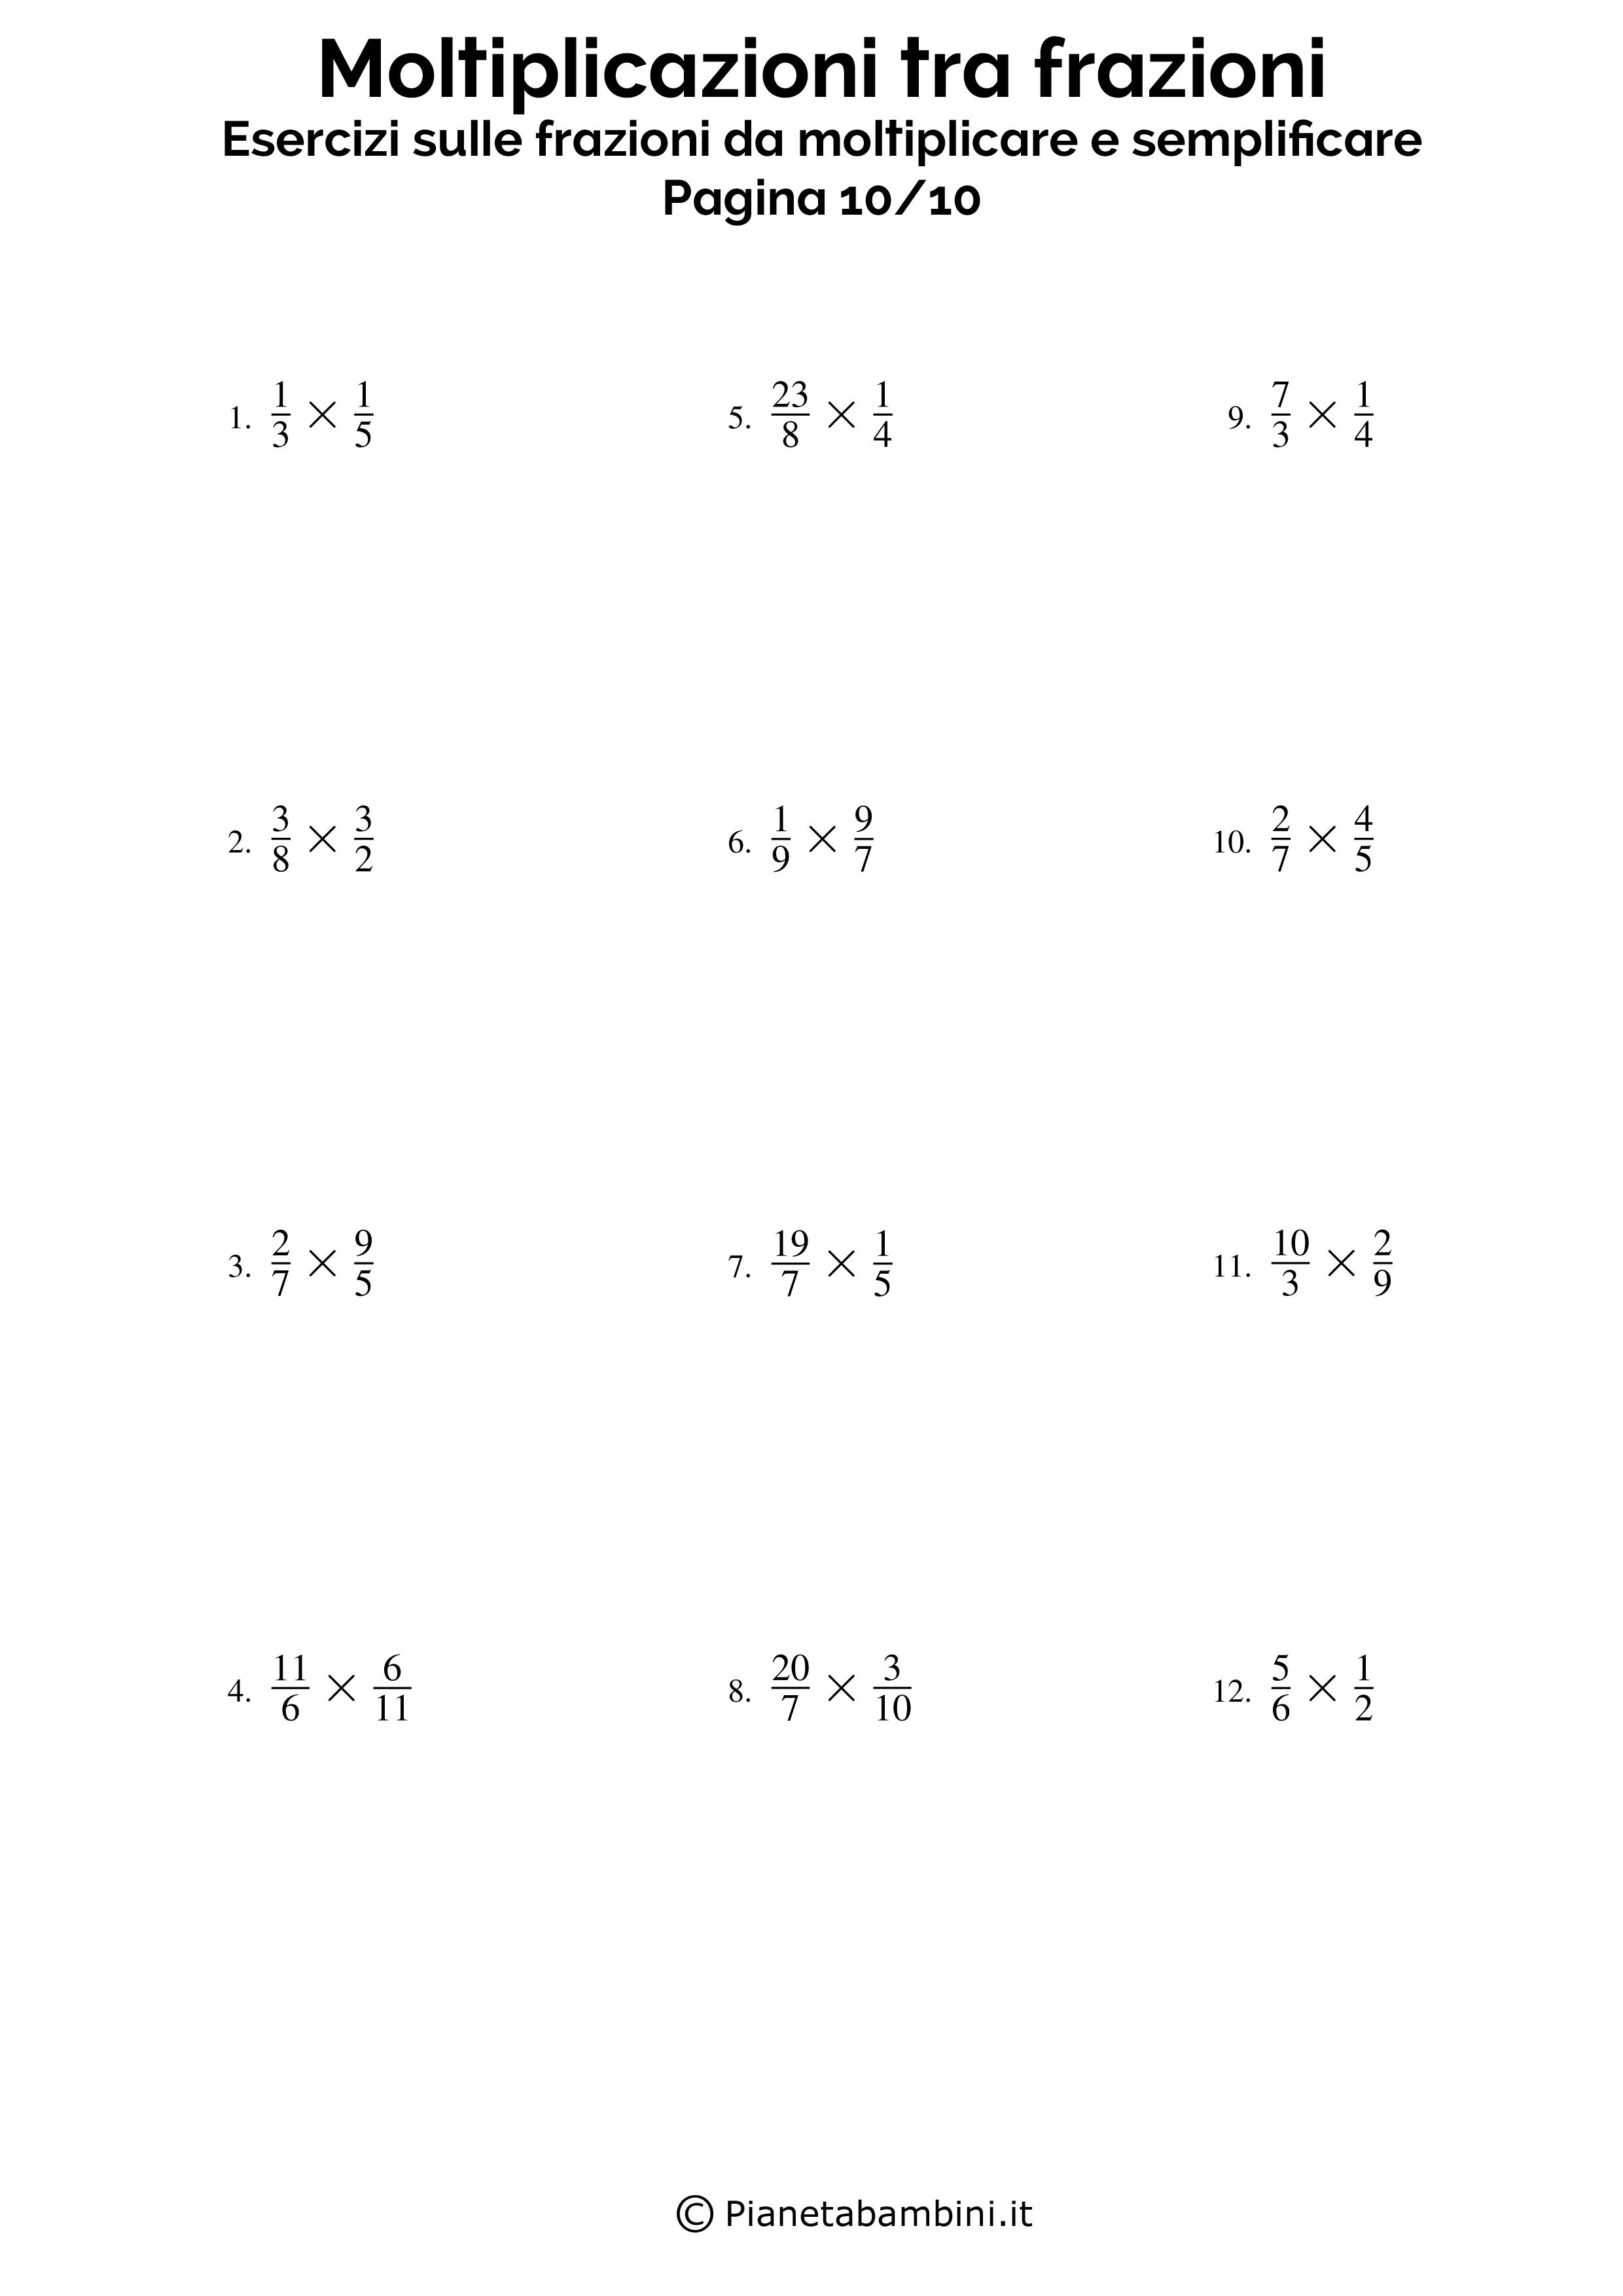 Frazioni-Moltiplicare-Semplificare_10